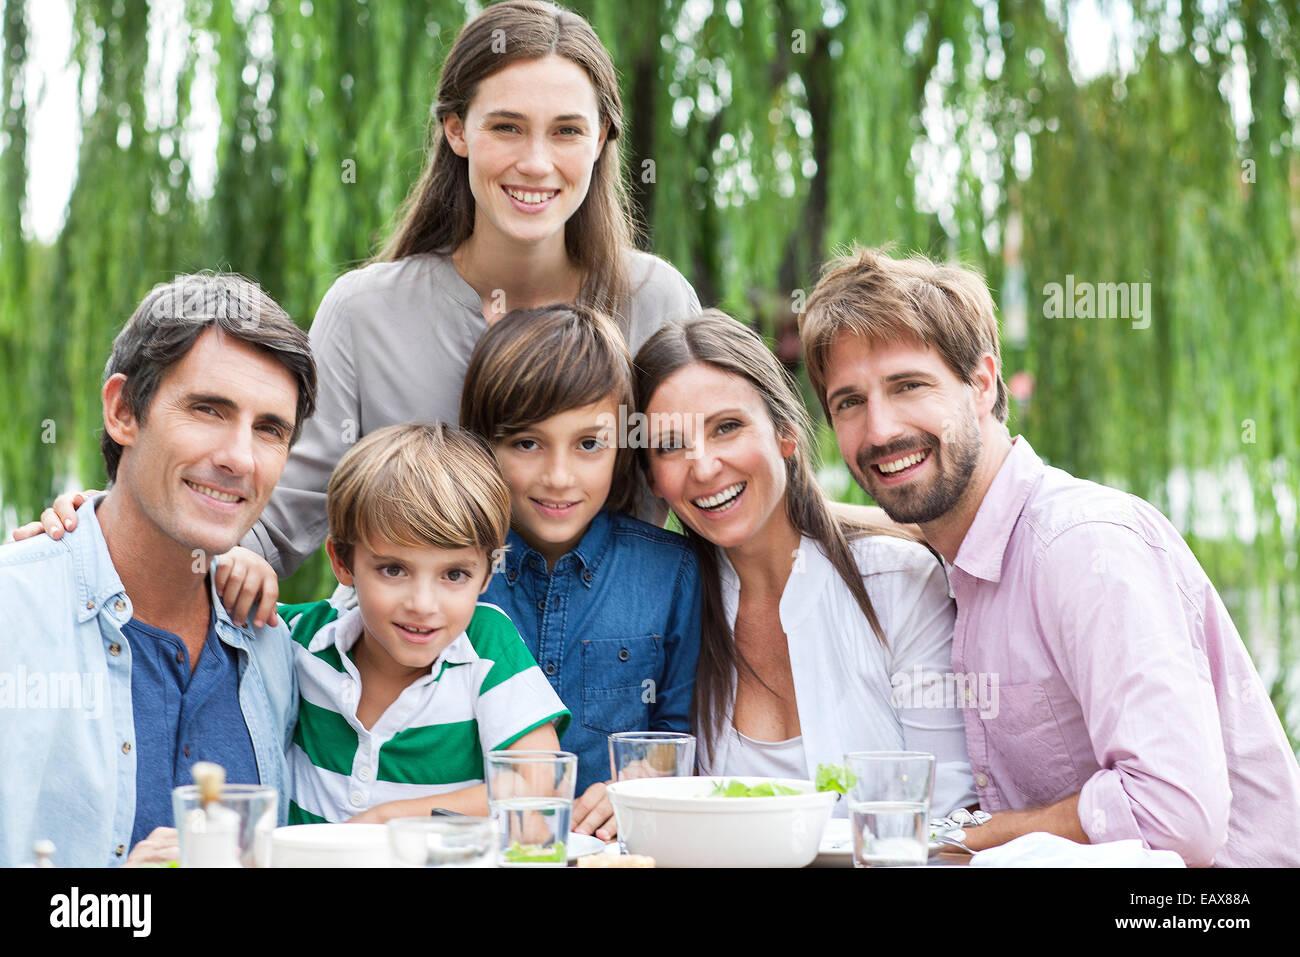 Posando para el retrato de familia de reunión al aire libre Imagen De Stock